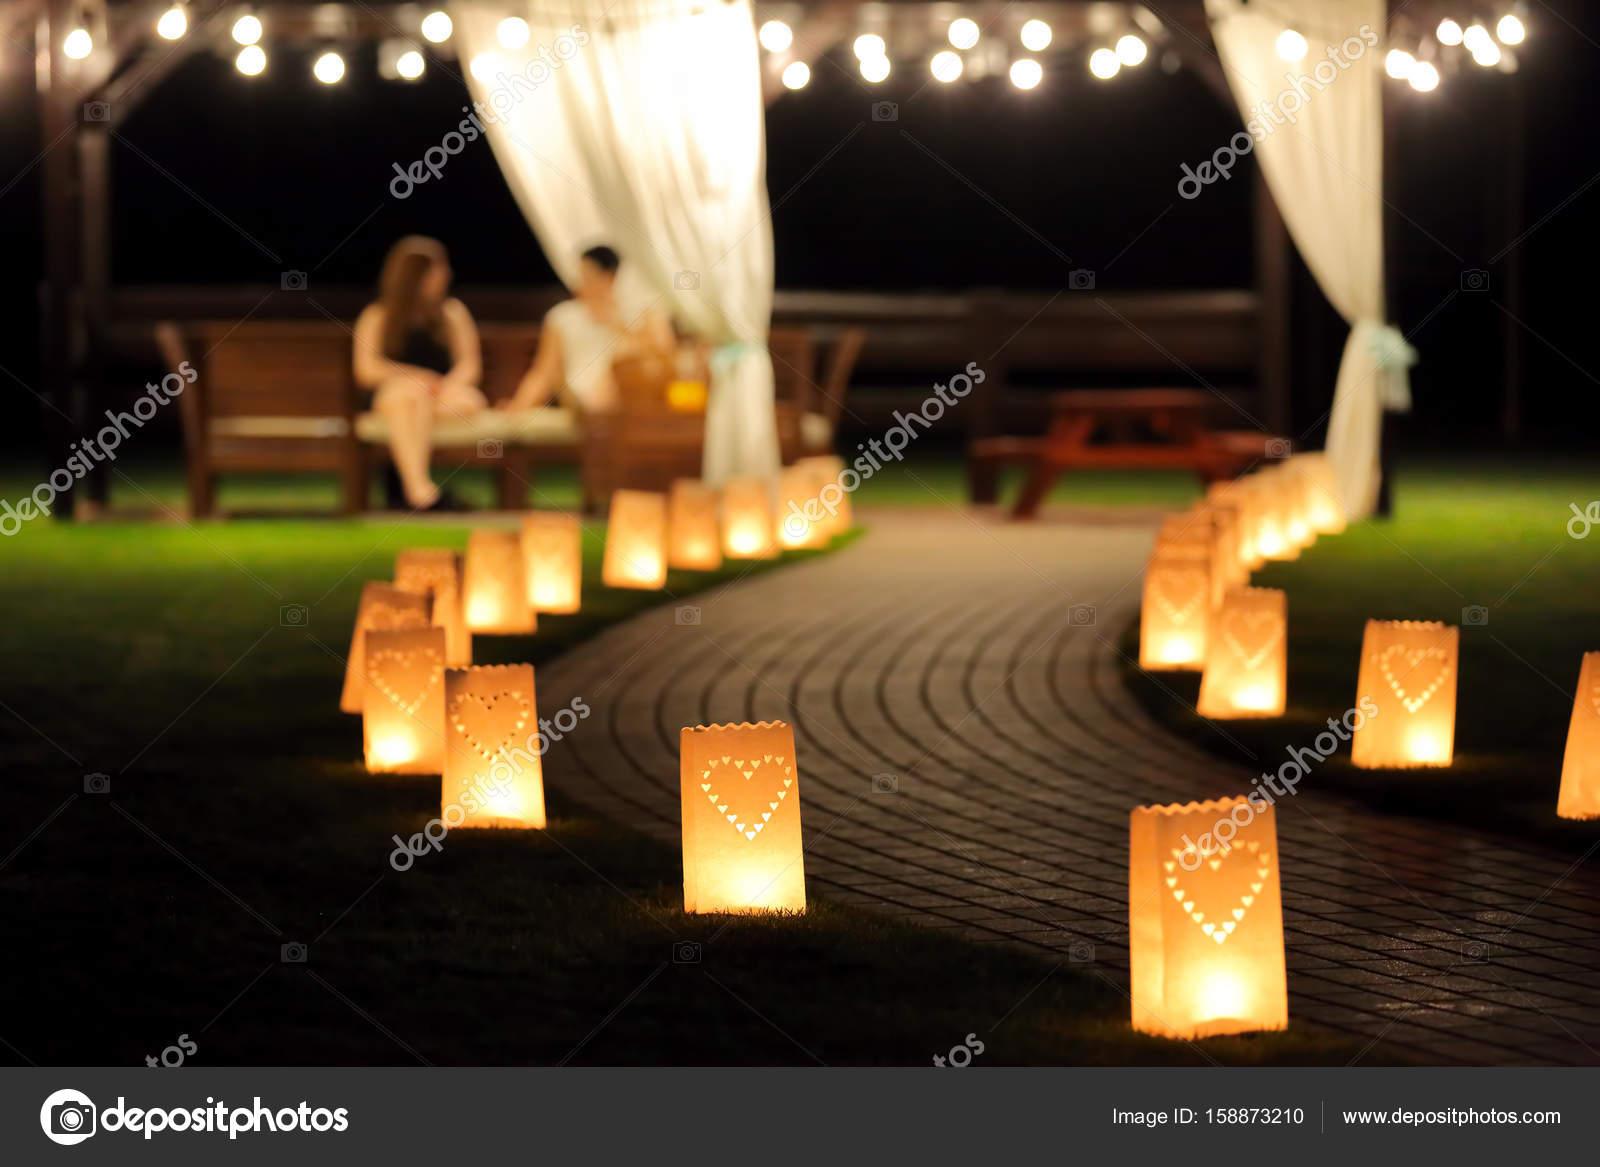 Percorso di illuminazione di notte per passeggiate nel giardino